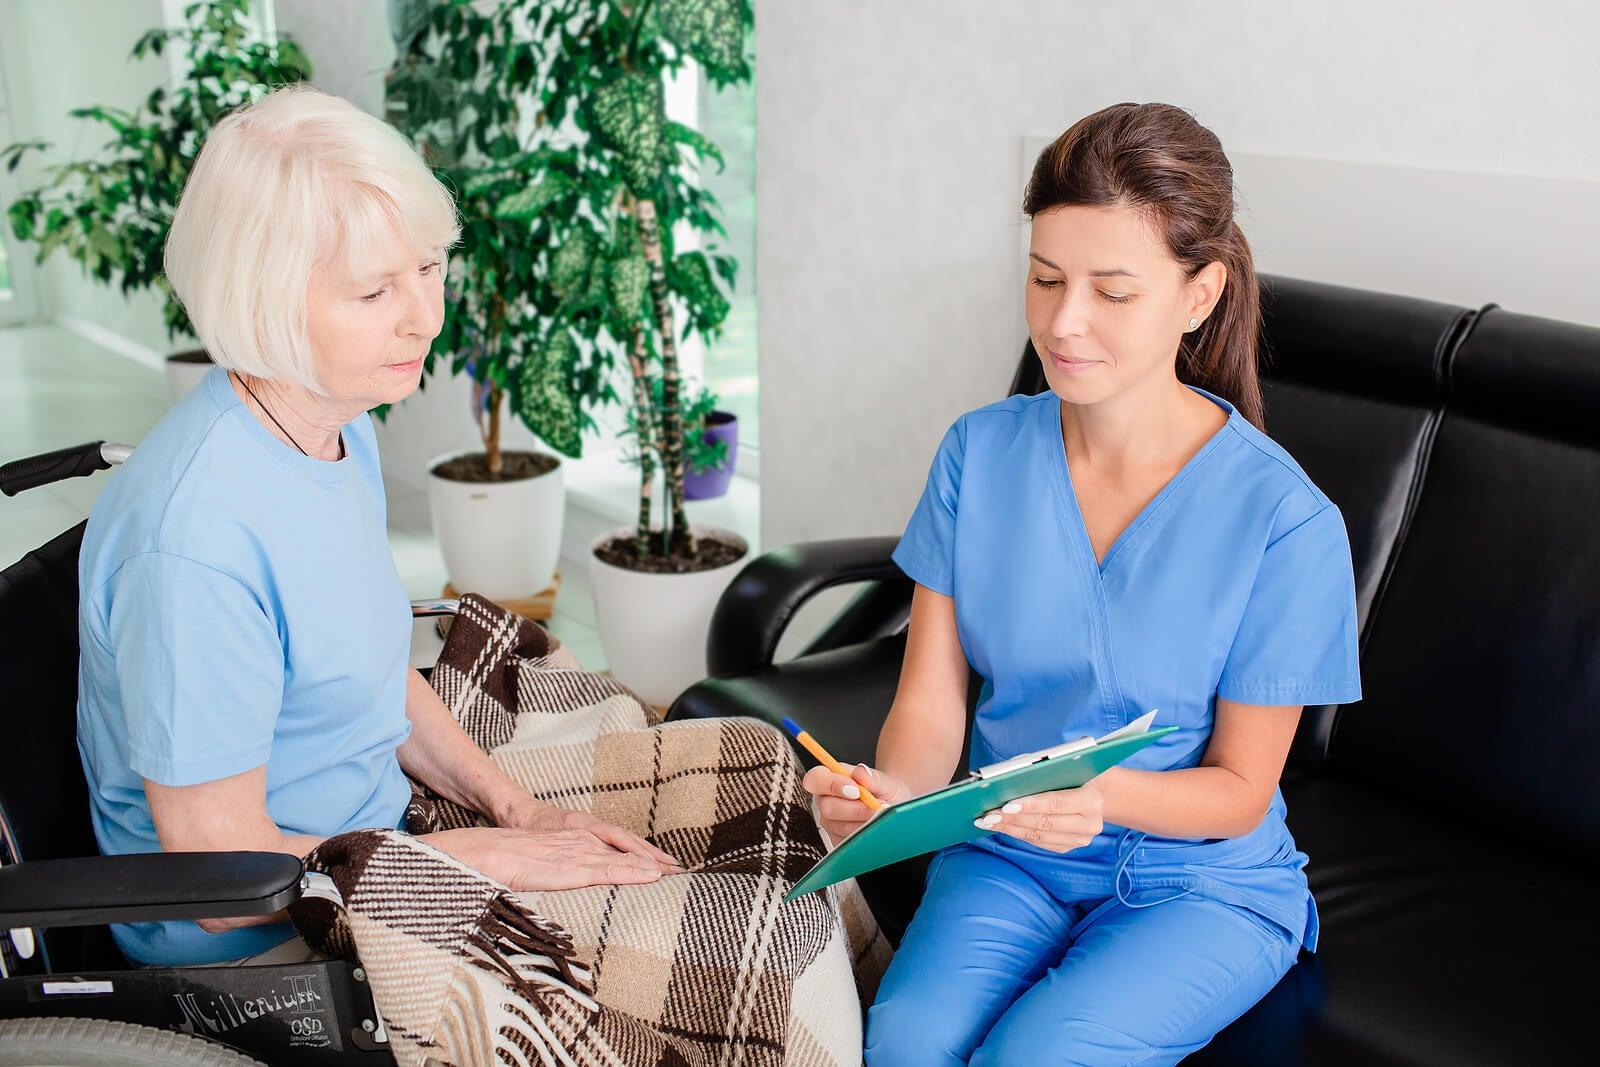 La mayoría de los trastornos de los ganglios basales están relacionados con alteraciones funcionales.